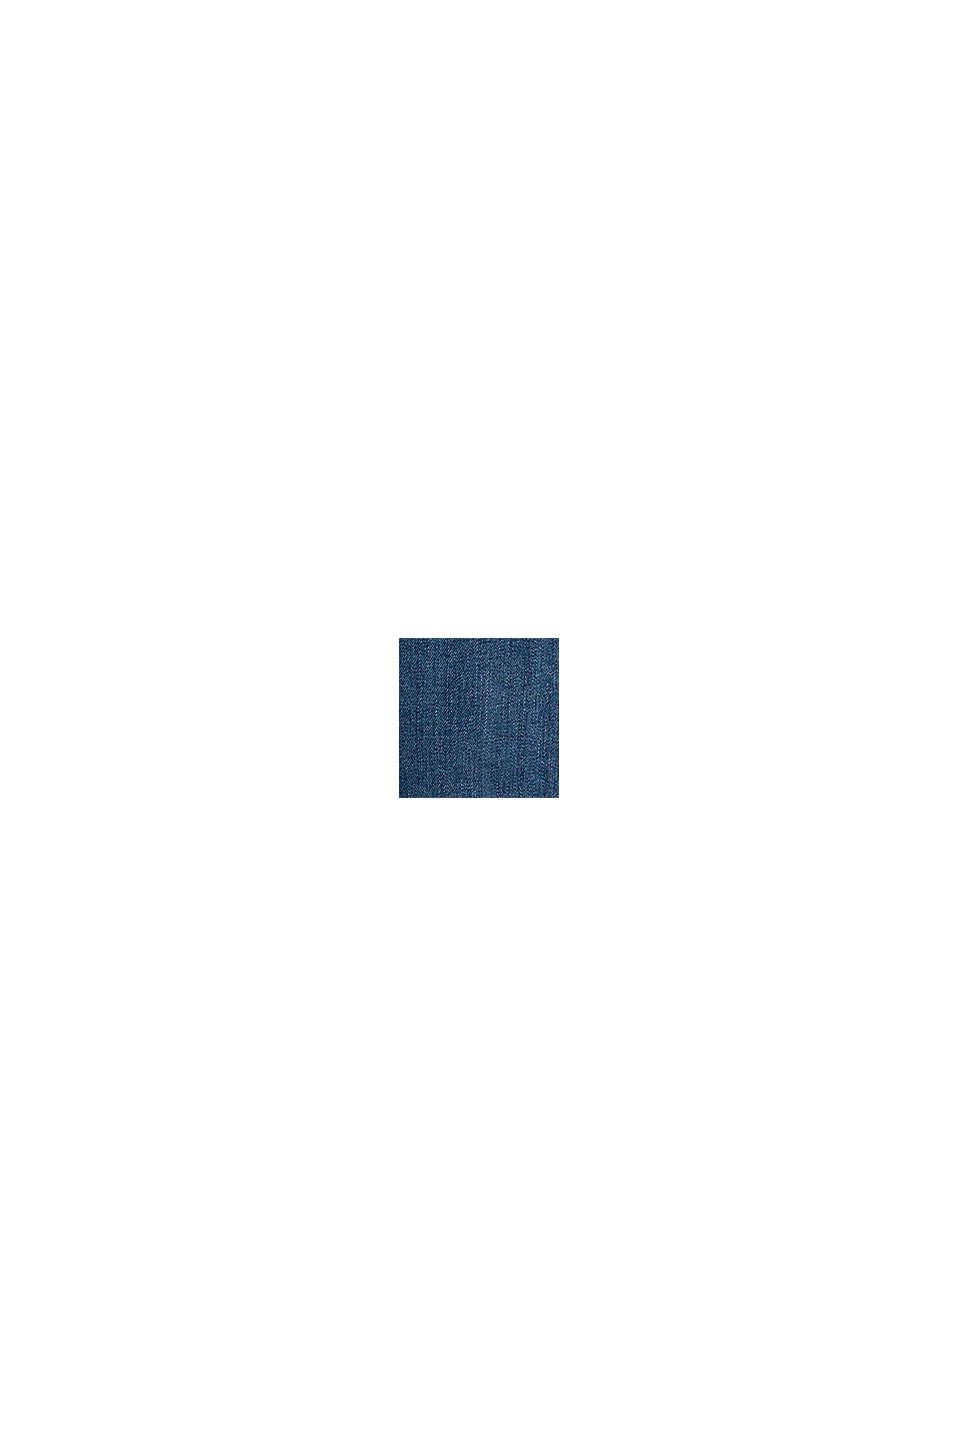 Vaqueros culotte con efecto deslavado, BLUE DARK WASHED, swatch